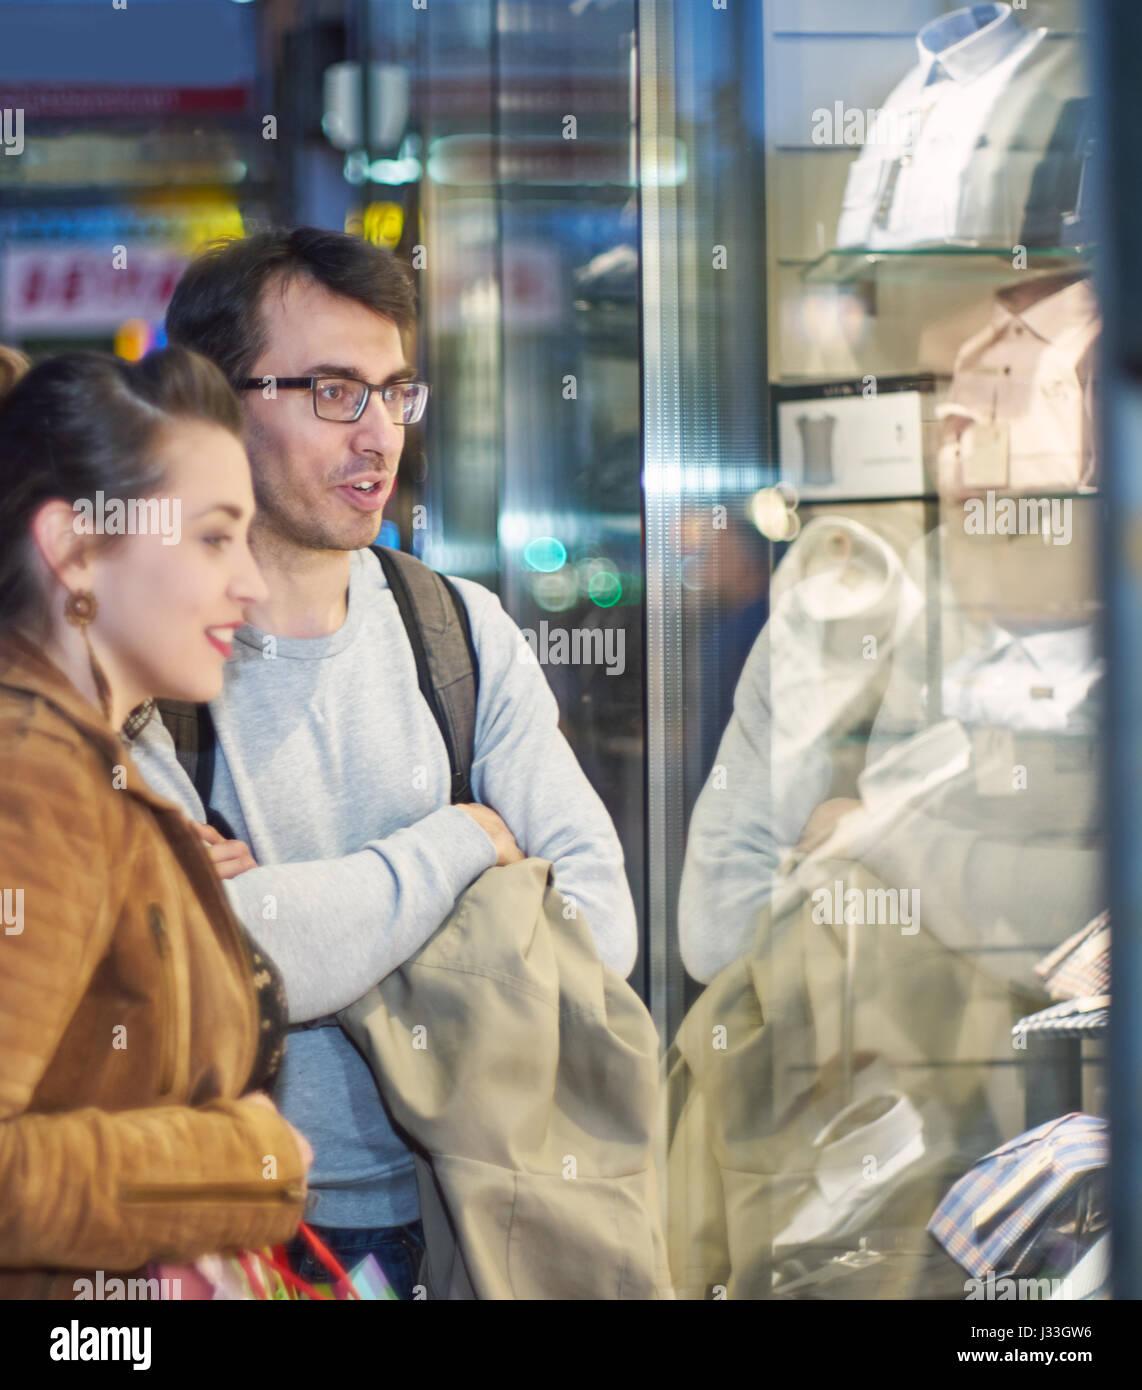 La mujer y el hombre en la parte delantera de la tienda de ropa Imagen De Stock